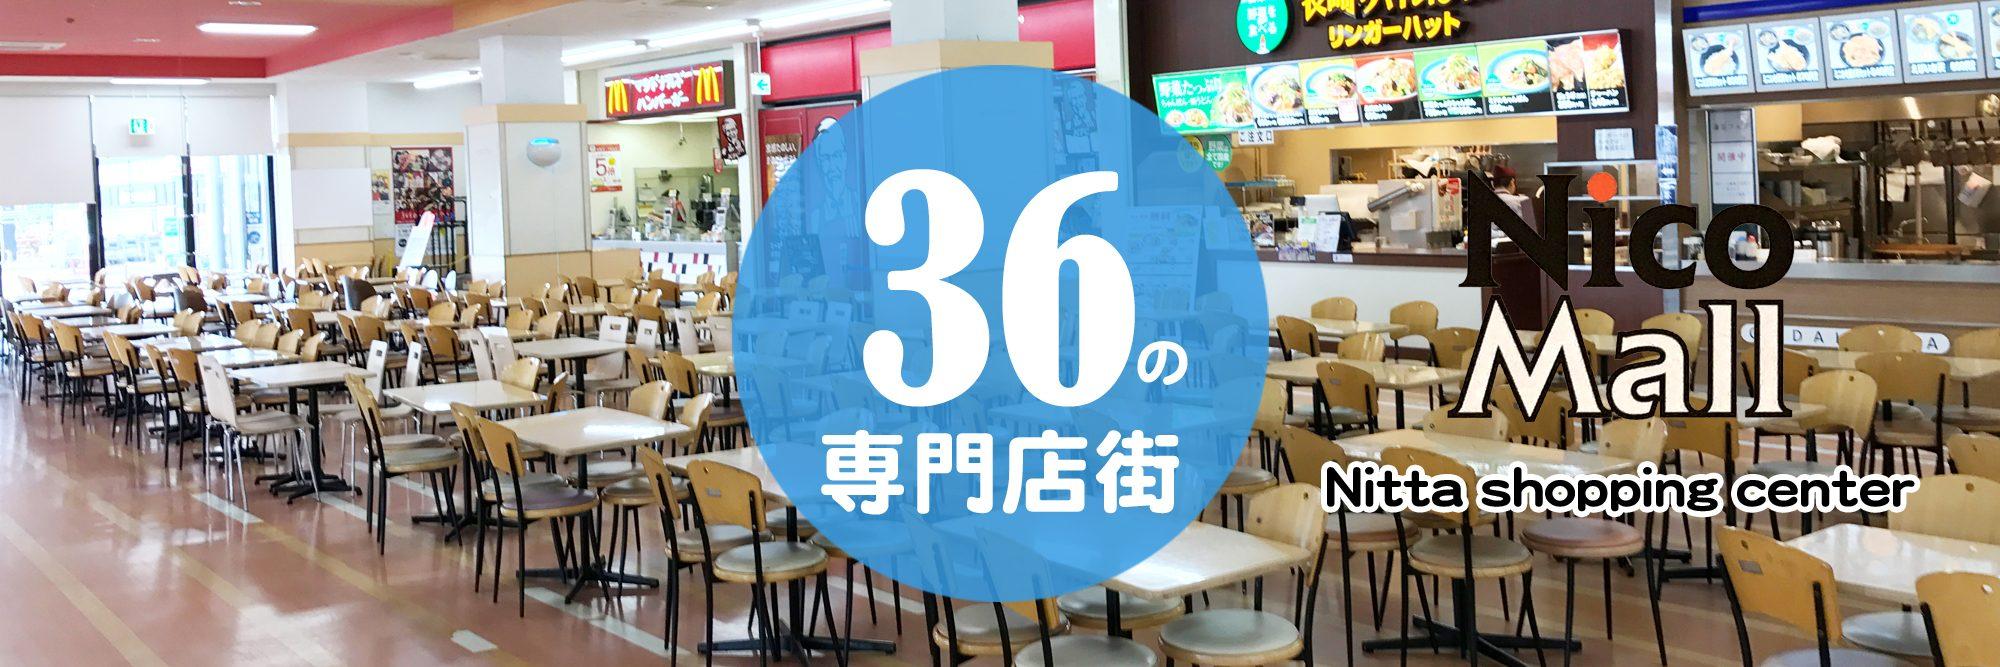 36の専門店街